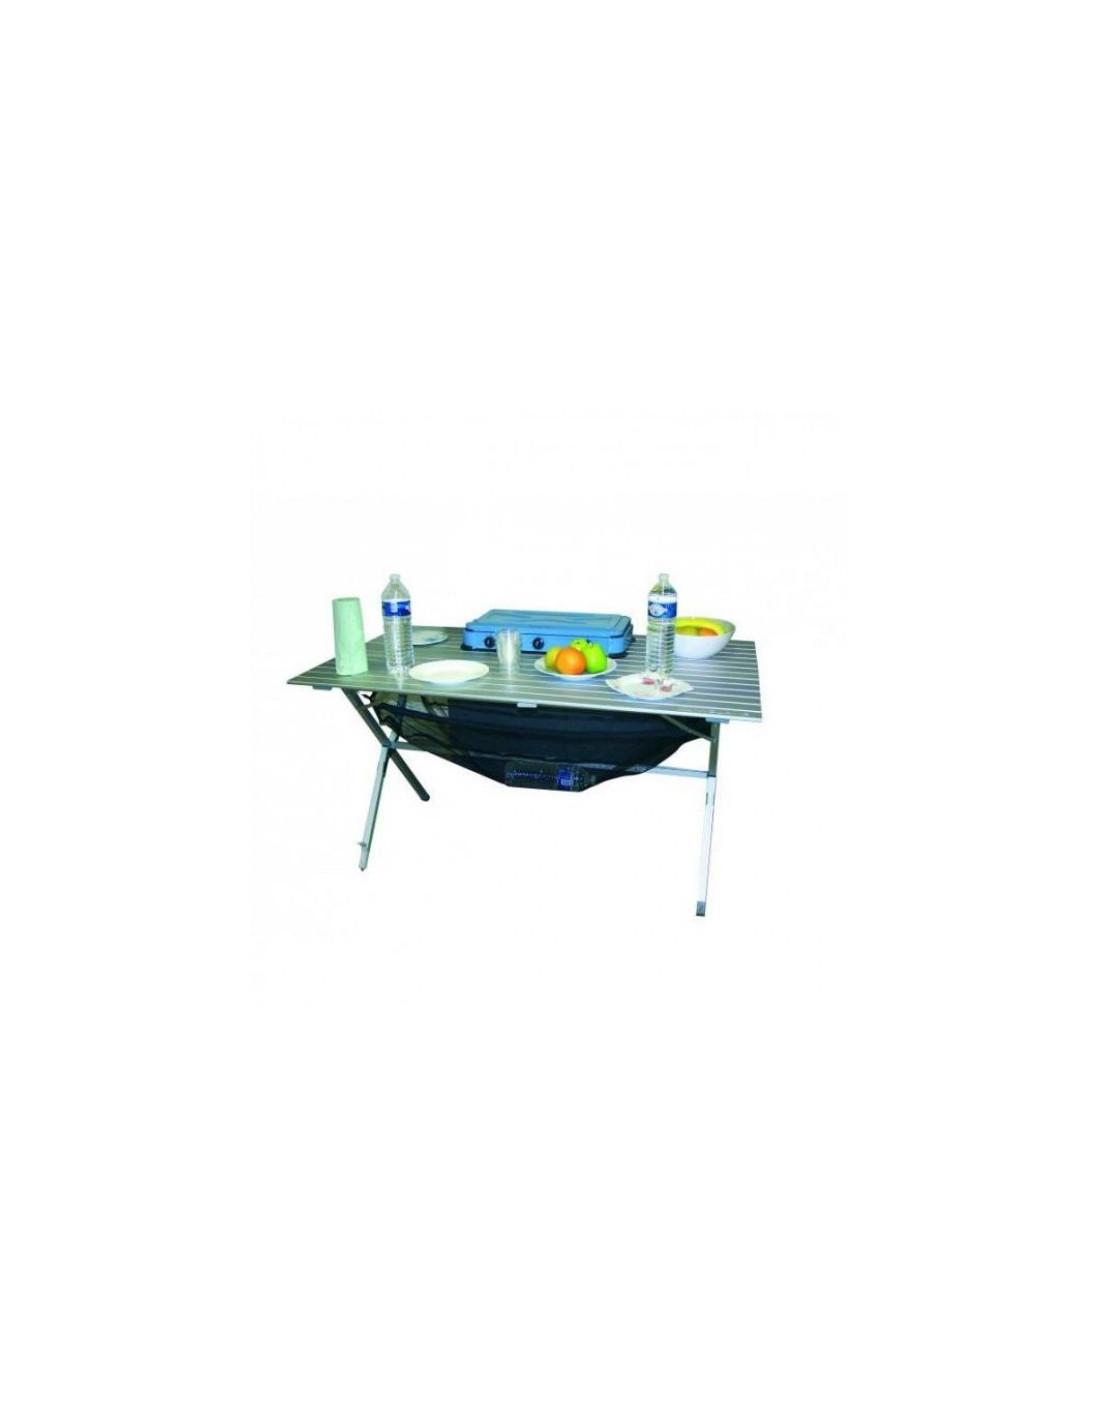 Mesa aluminio plegable 6 personas tienda de camping online for Mesa plegable de aluminio para camping